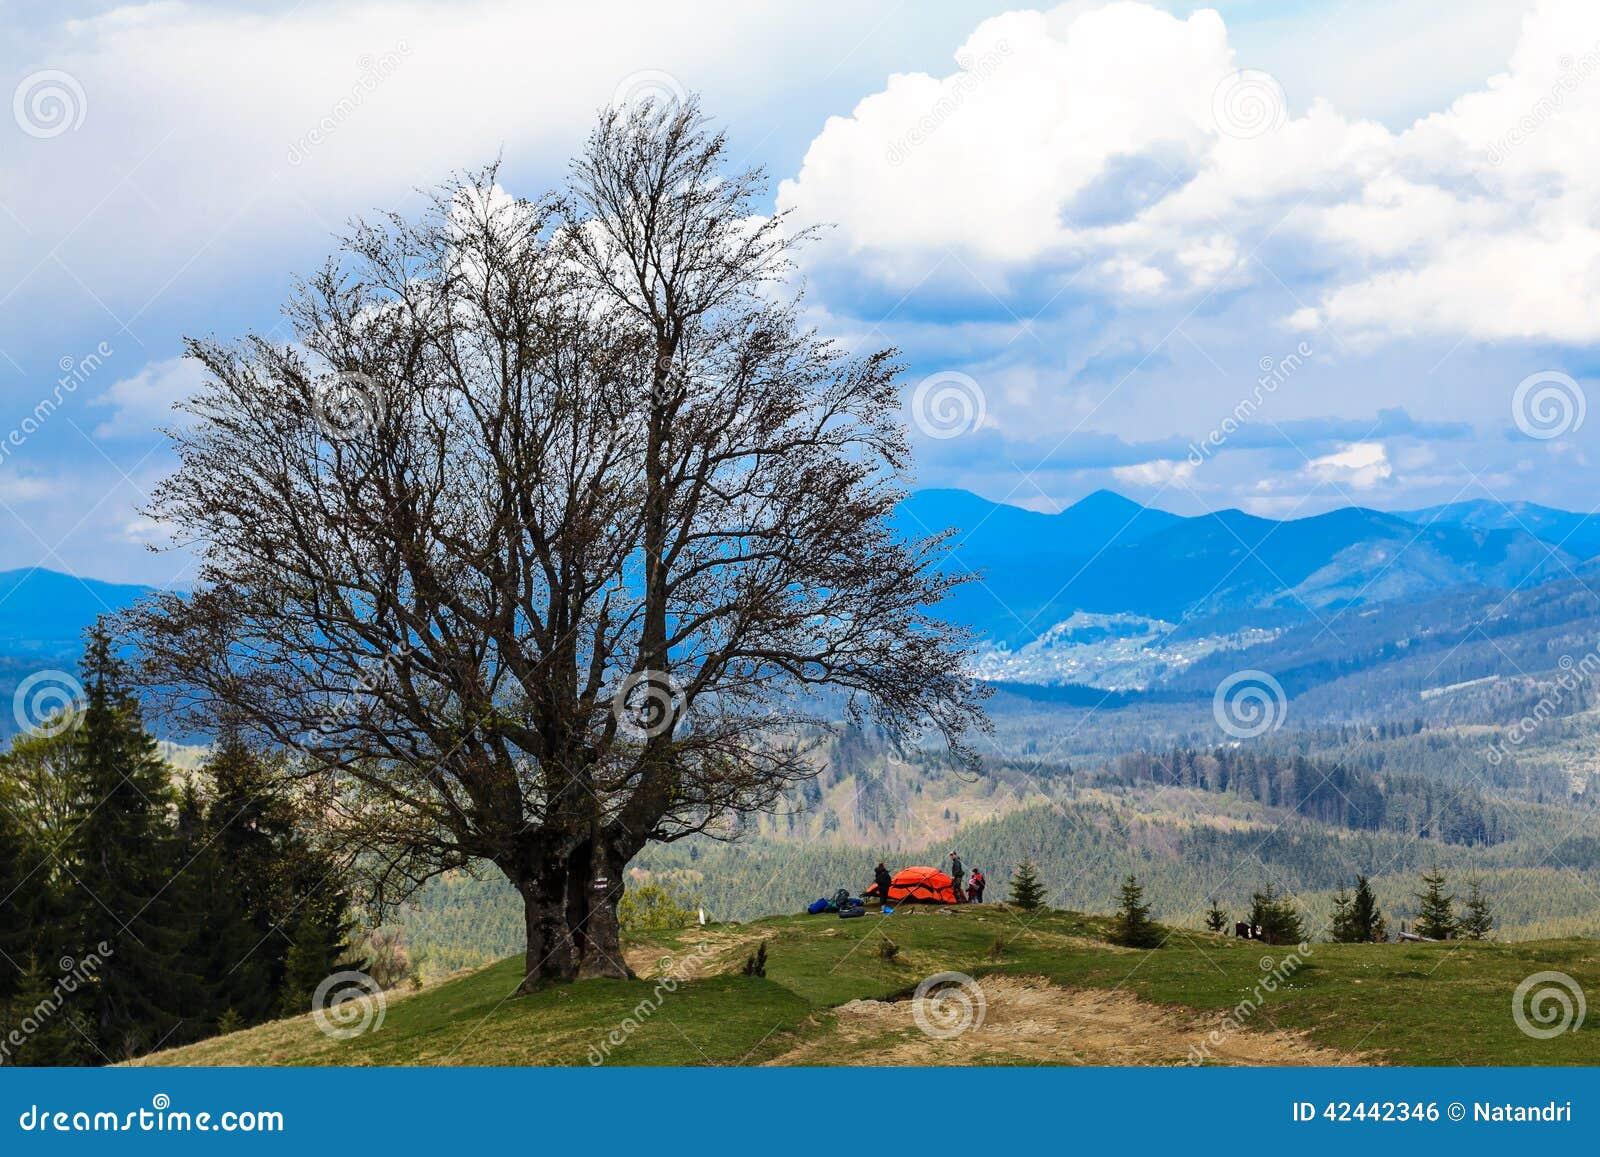 El acampar en tienda roja debajo de un árbol encima de una montaña Hermoso